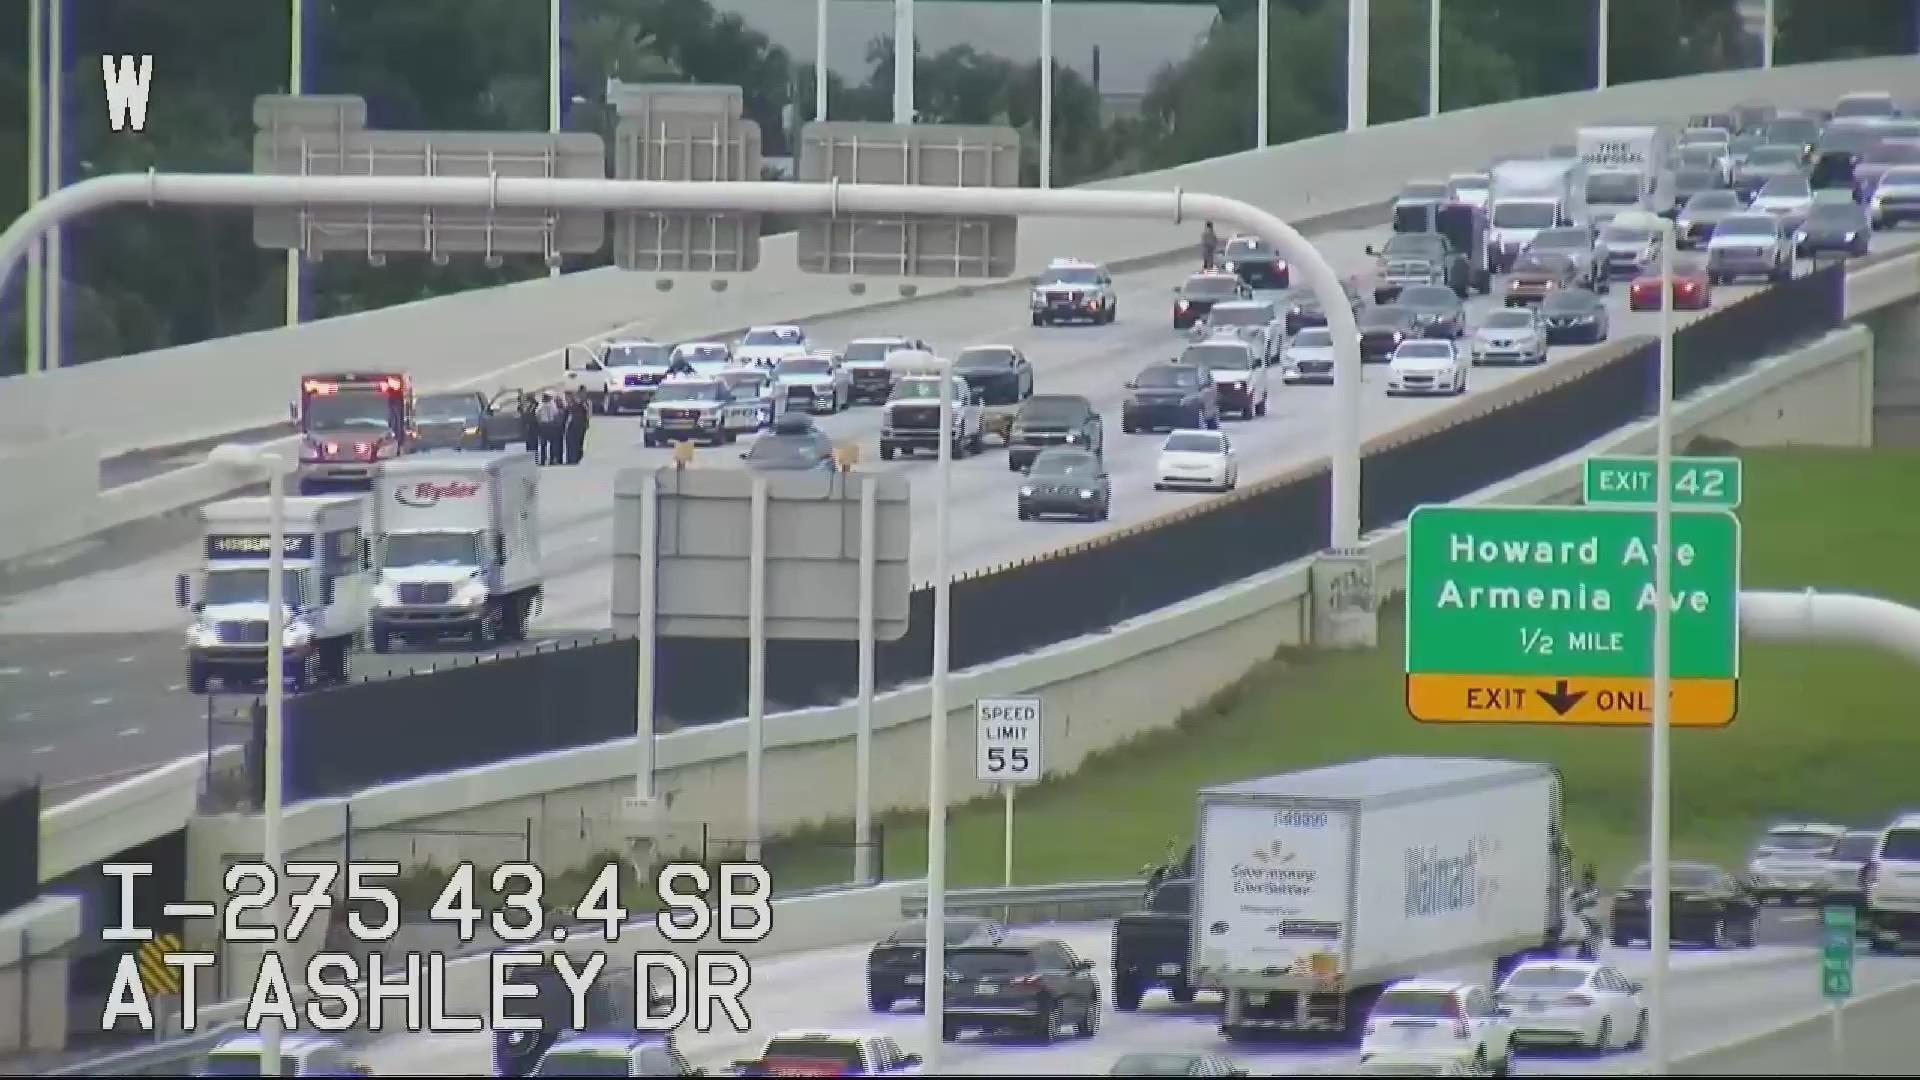 Traffic backed up on I-275